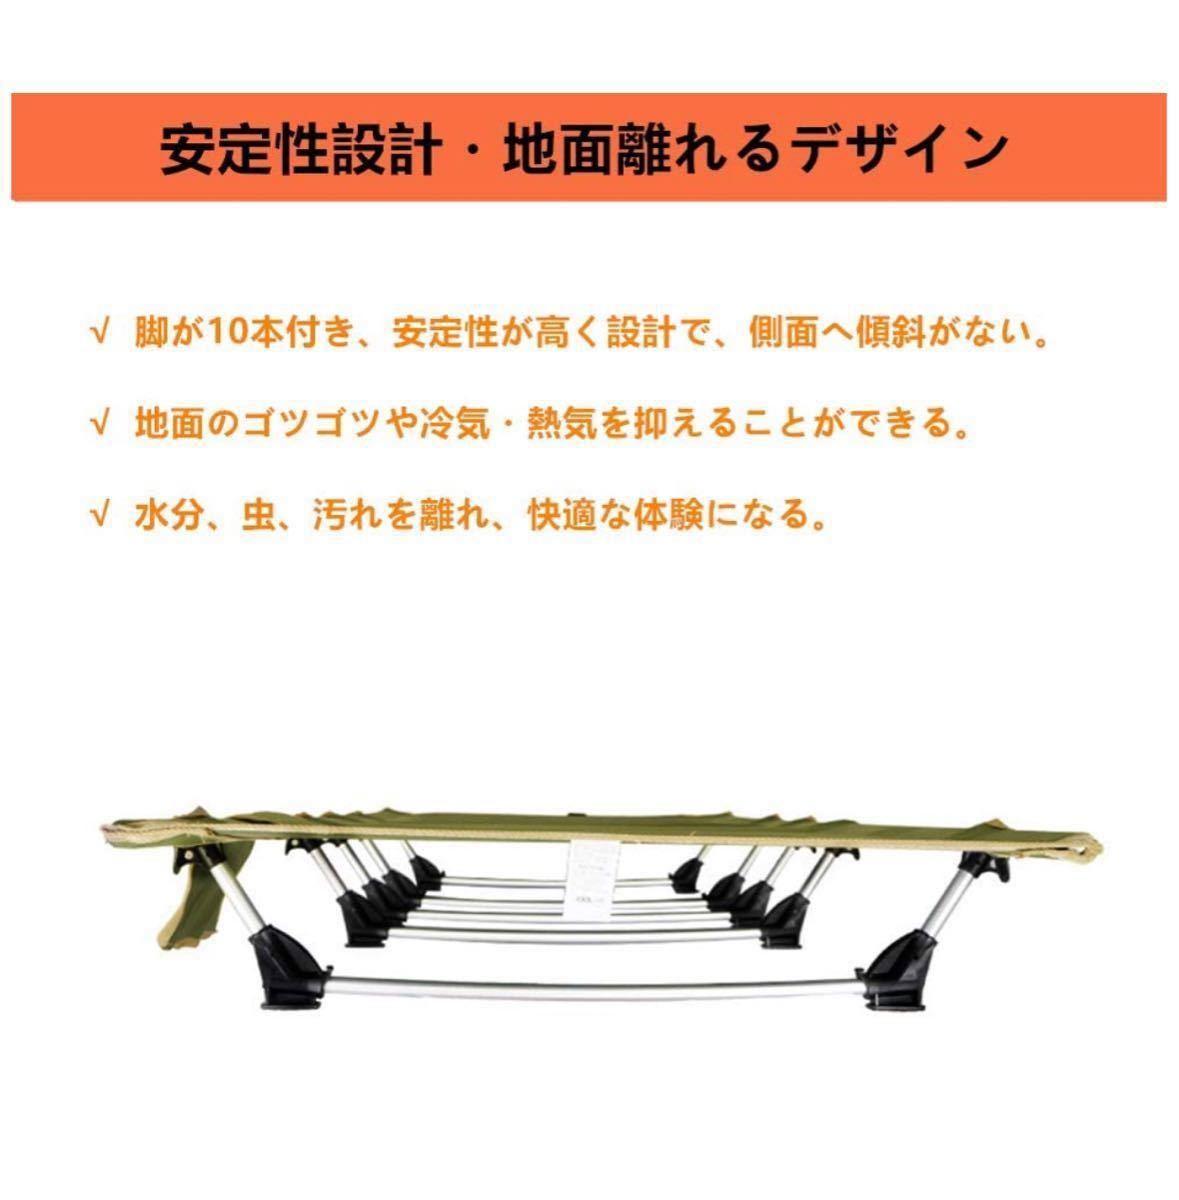 アウトドアベッド コット キャンプコット 超軽量 耐荷重200kg